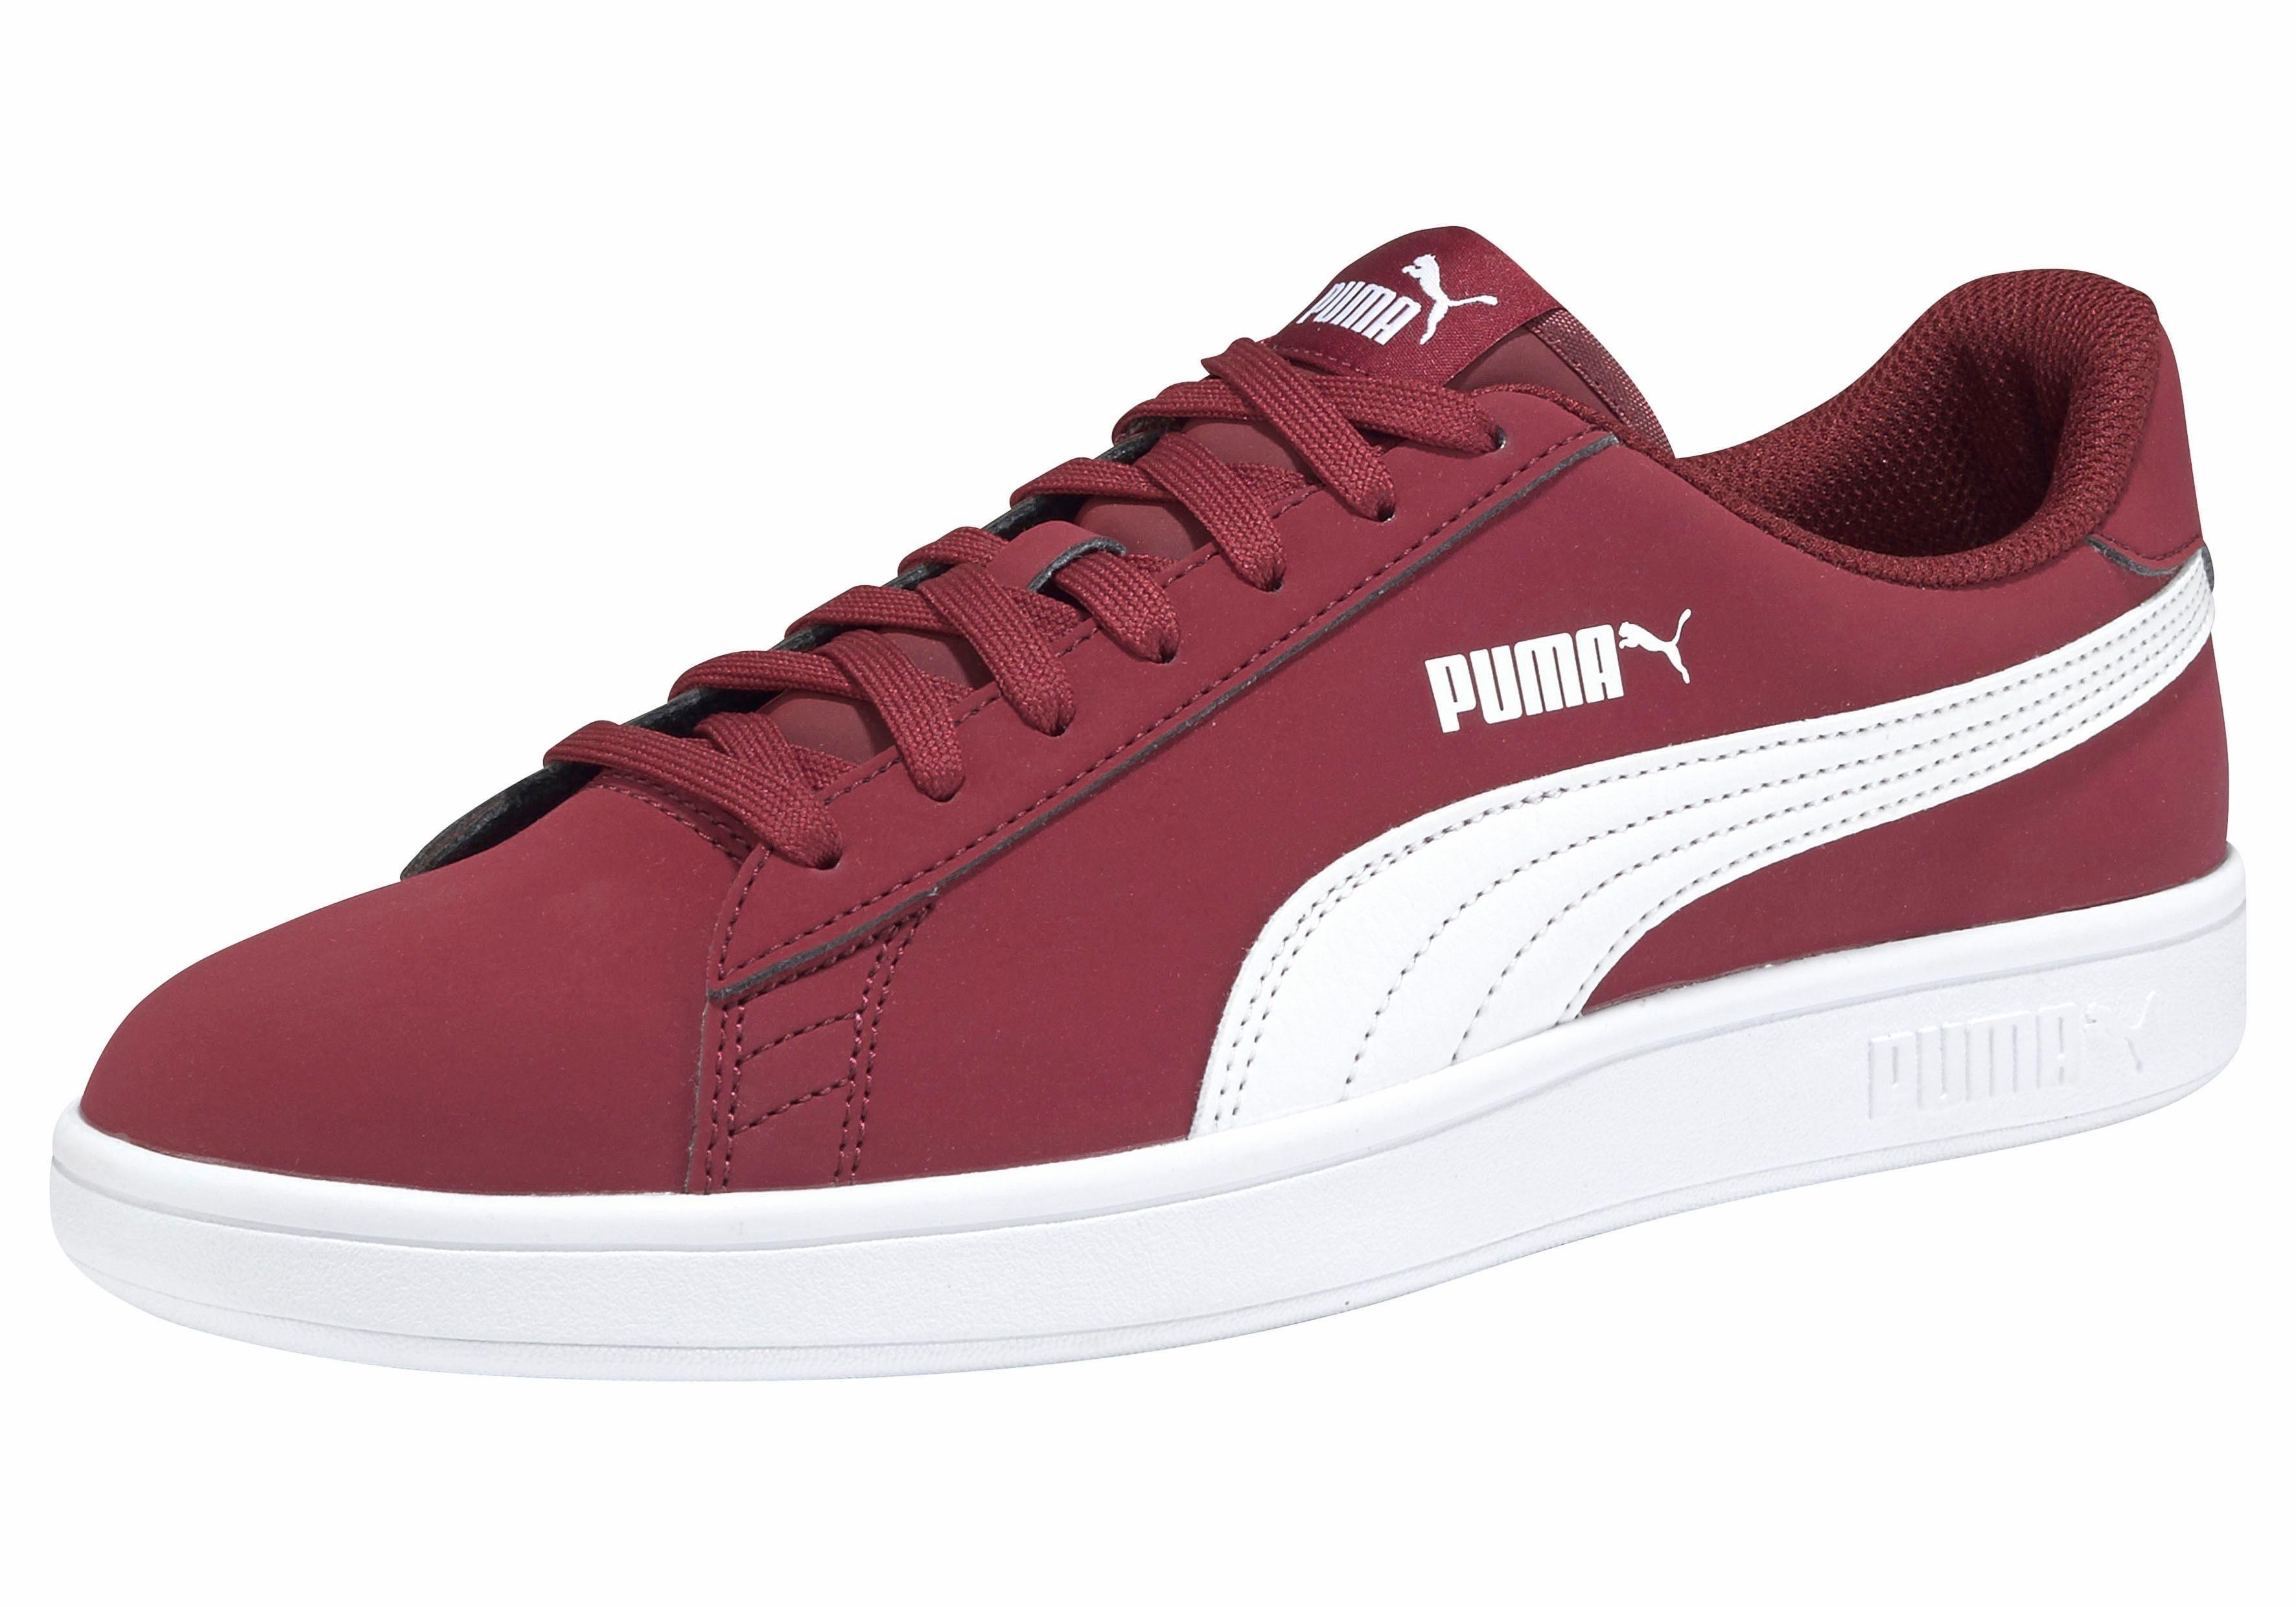 361 372 Pumas Sneakers Pour Les Adultes, Unisexe, Disponible En Plusieurs Couleurs - Bleu - 44 Eu